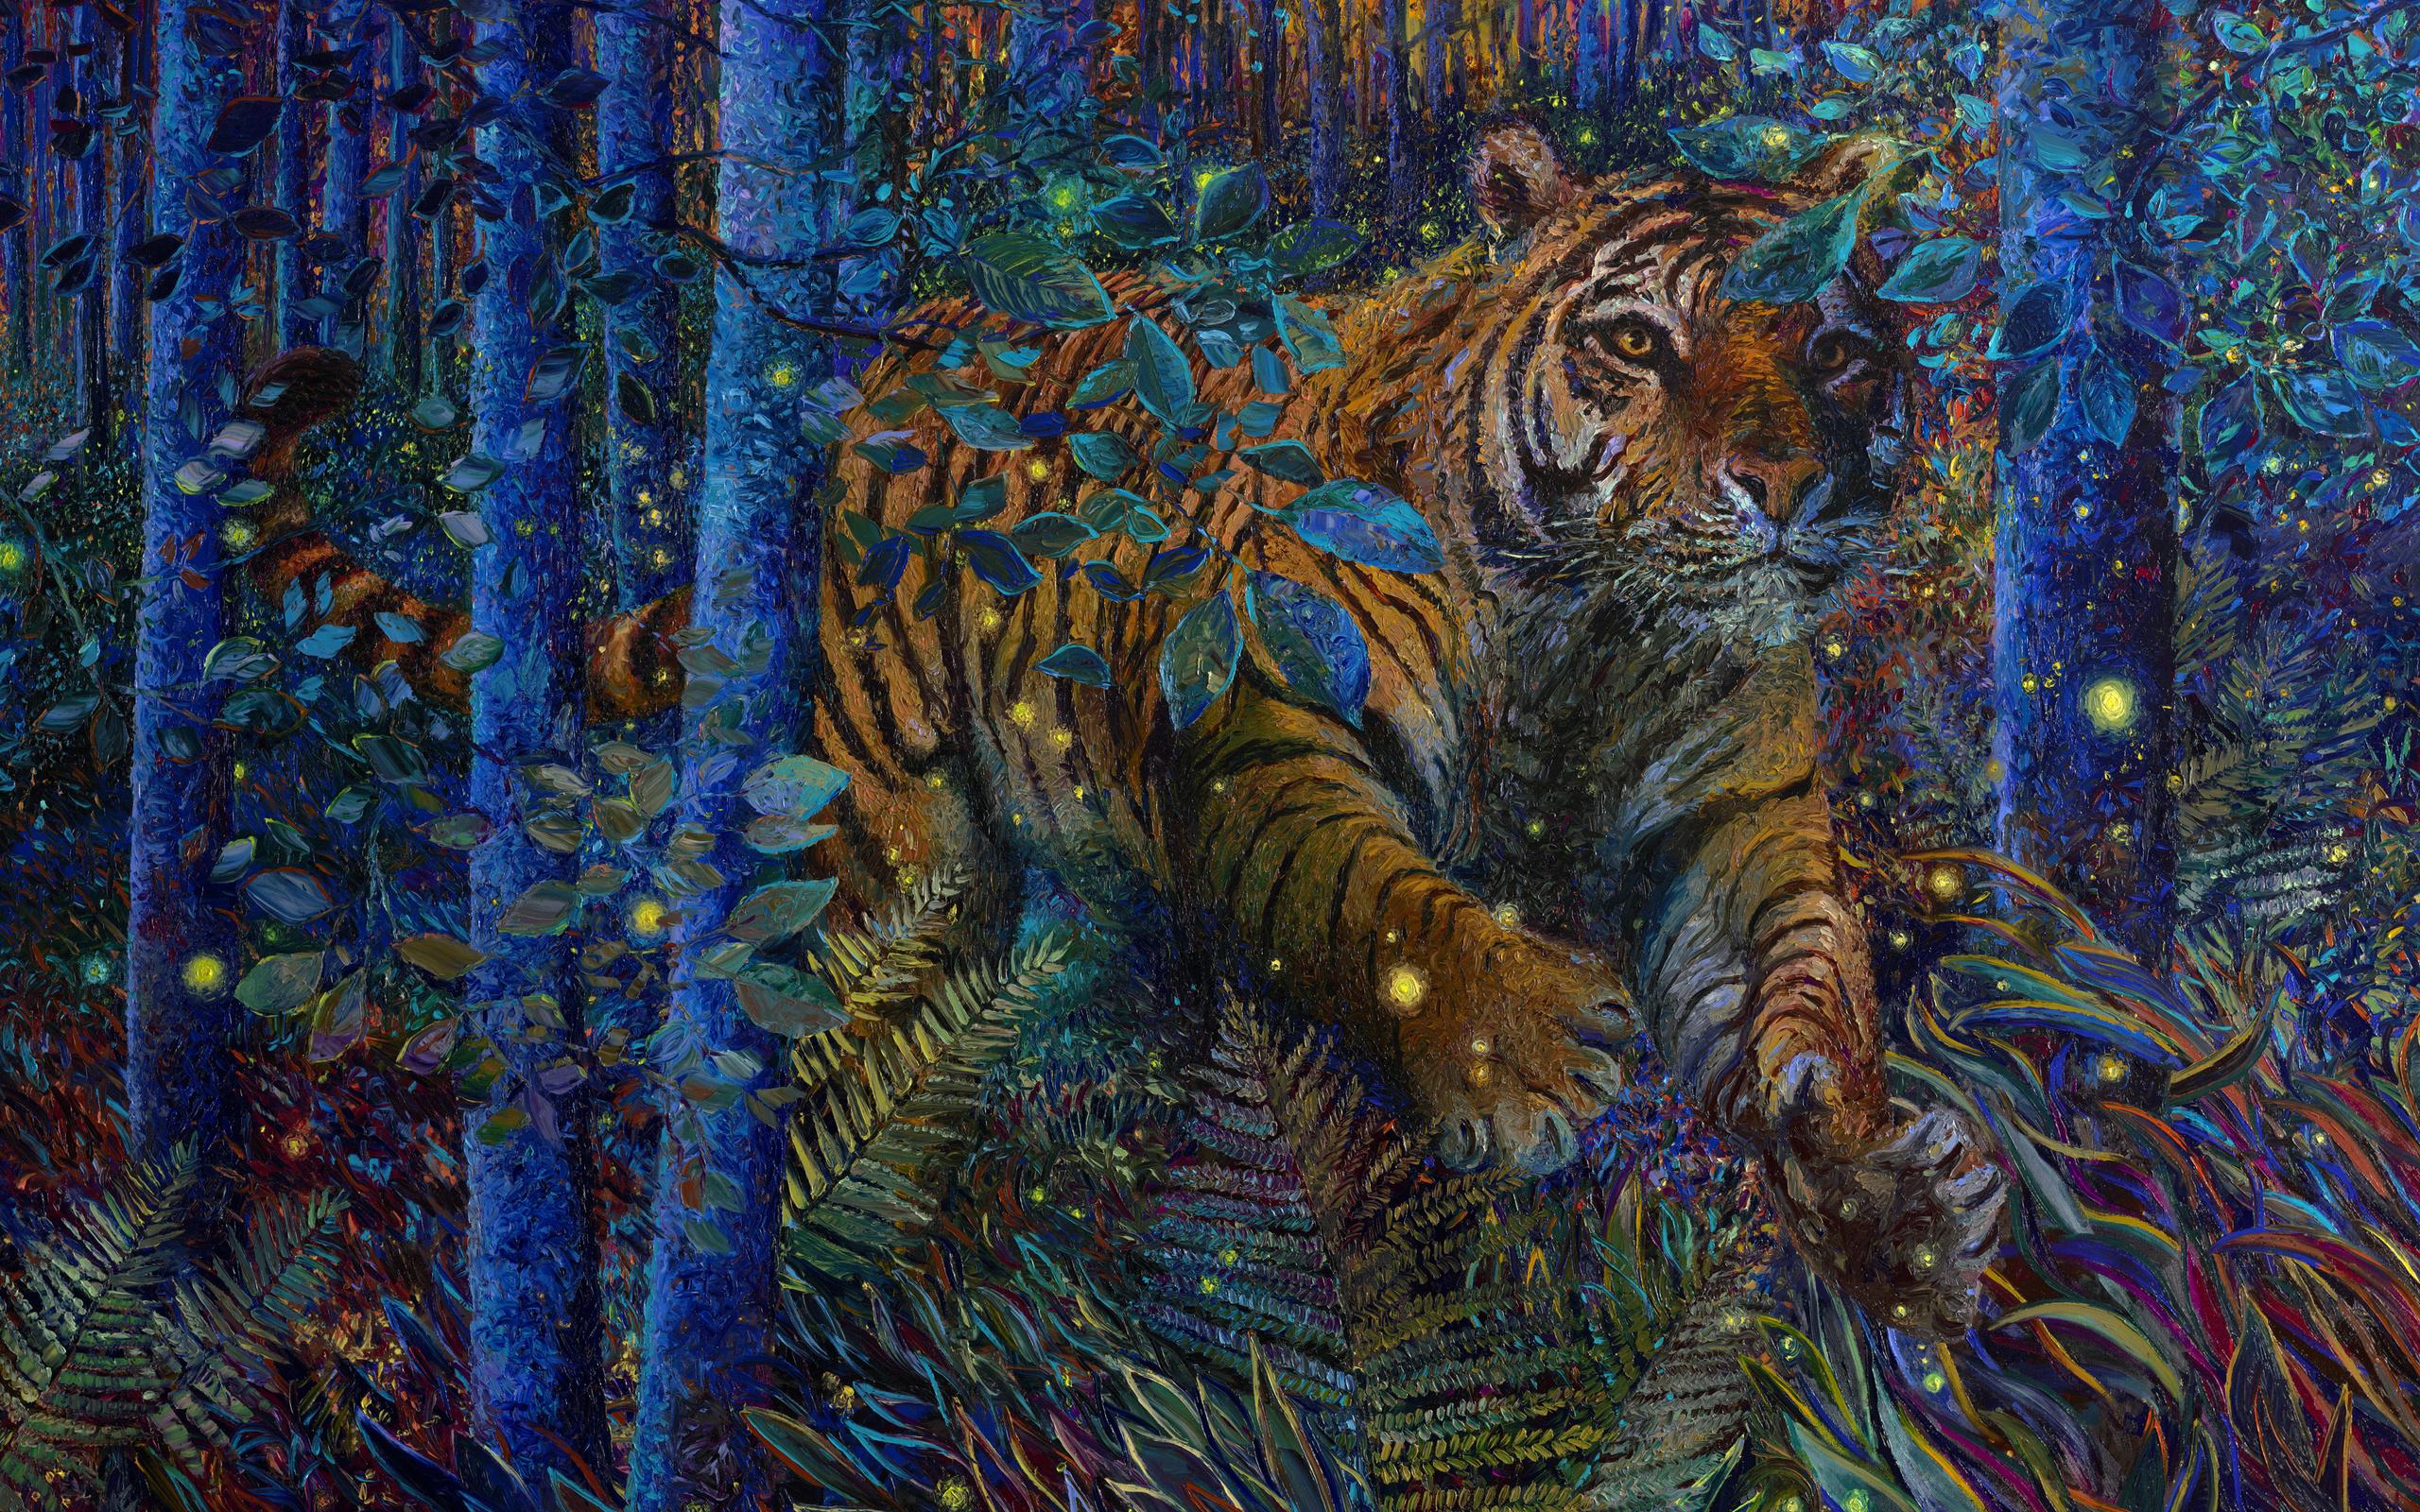 тигр, зверь, животные, текстуры